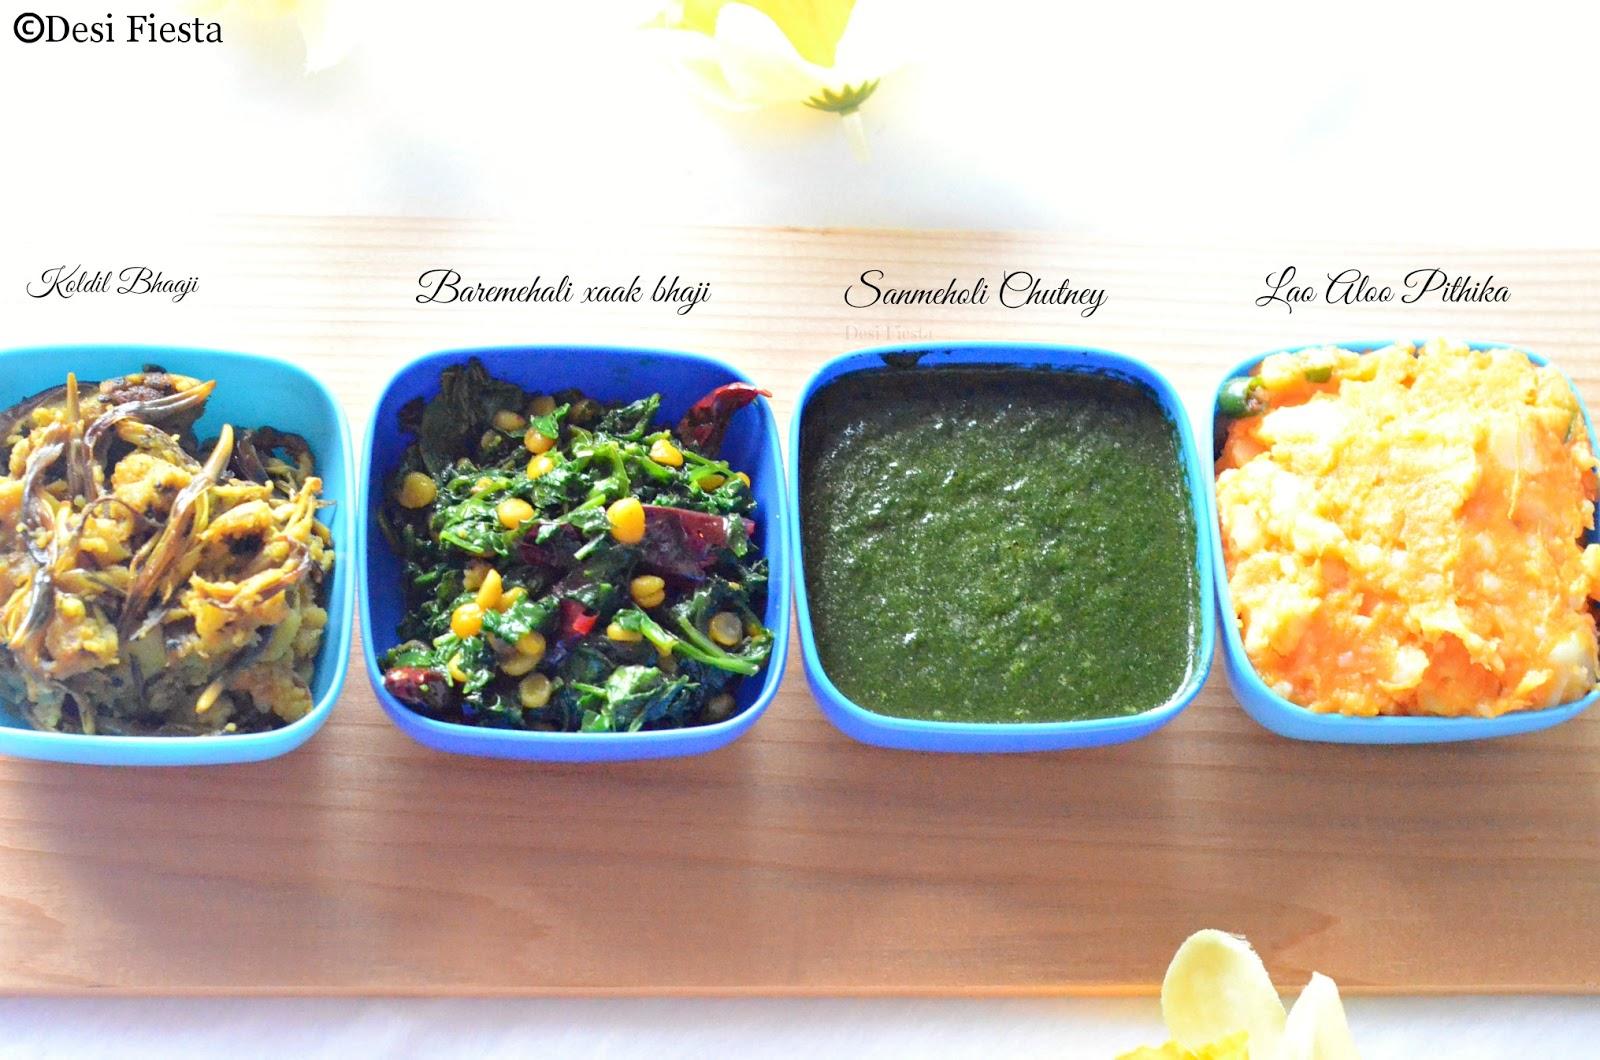 Assamese meals